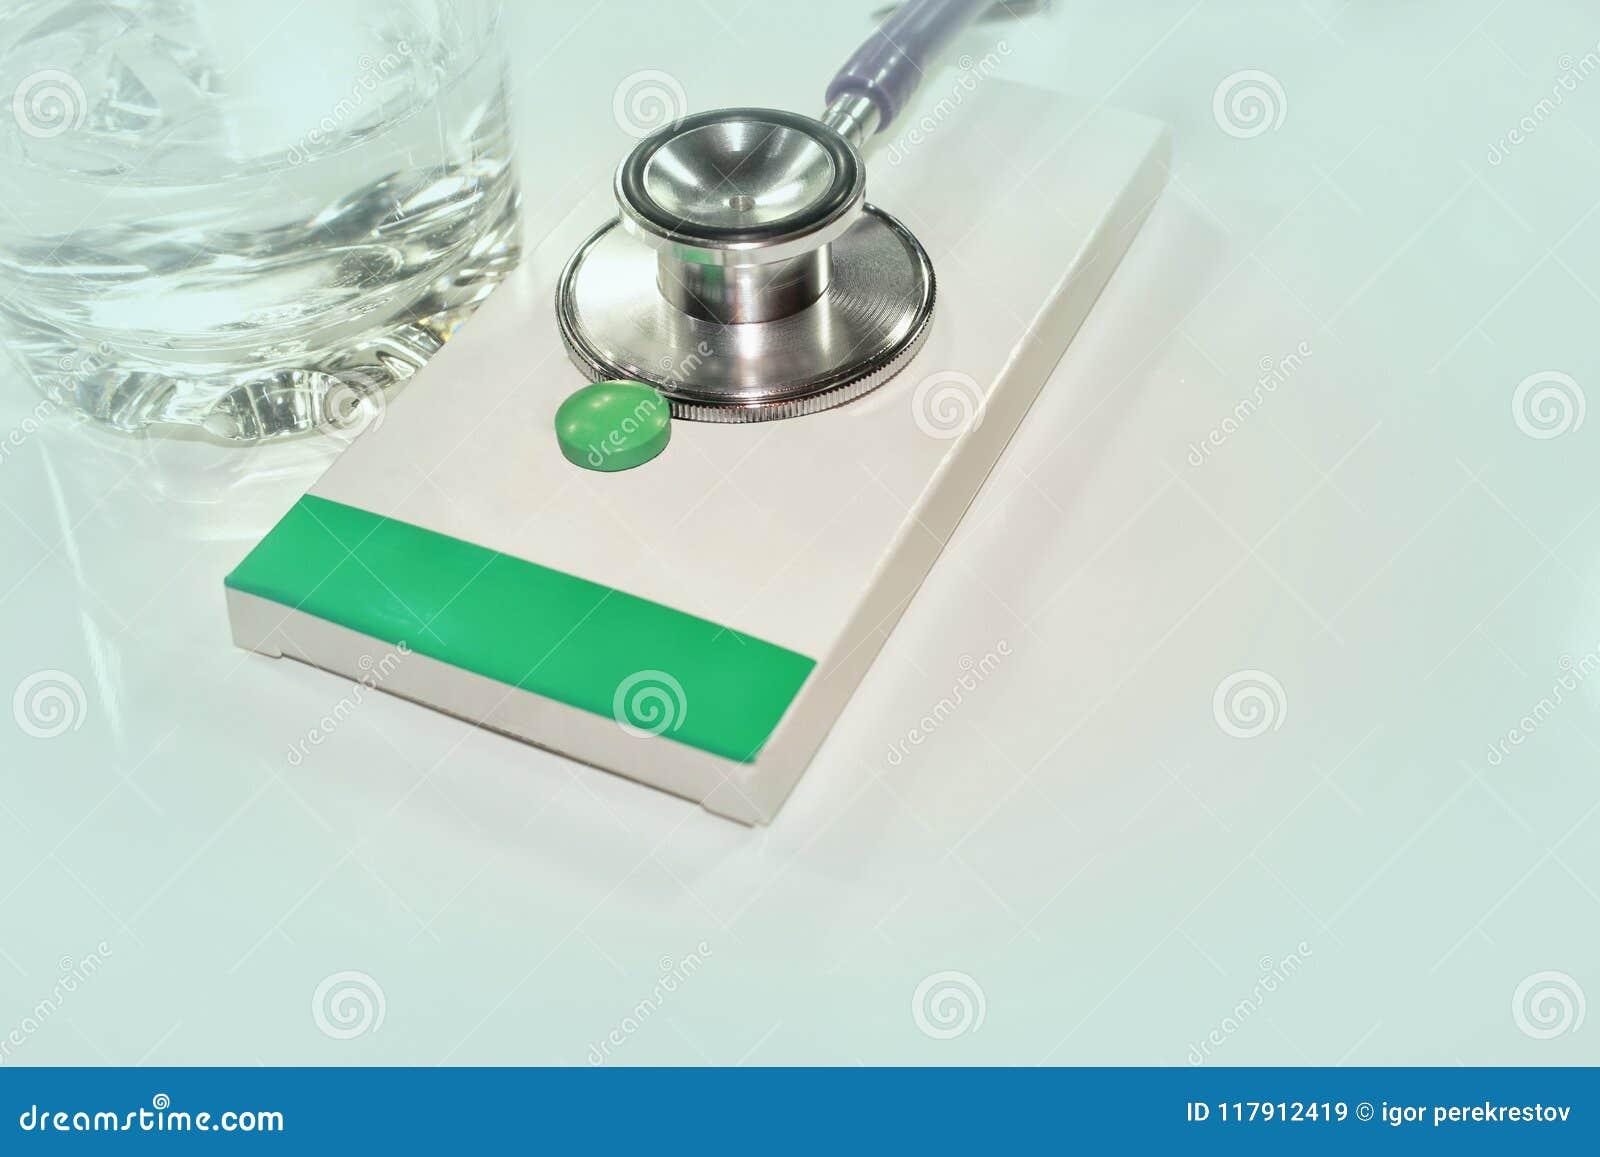 Stetoskop, wydatek na zdrowie lub pomoc finansowa, wysoki koszt drogi leka pojęcie